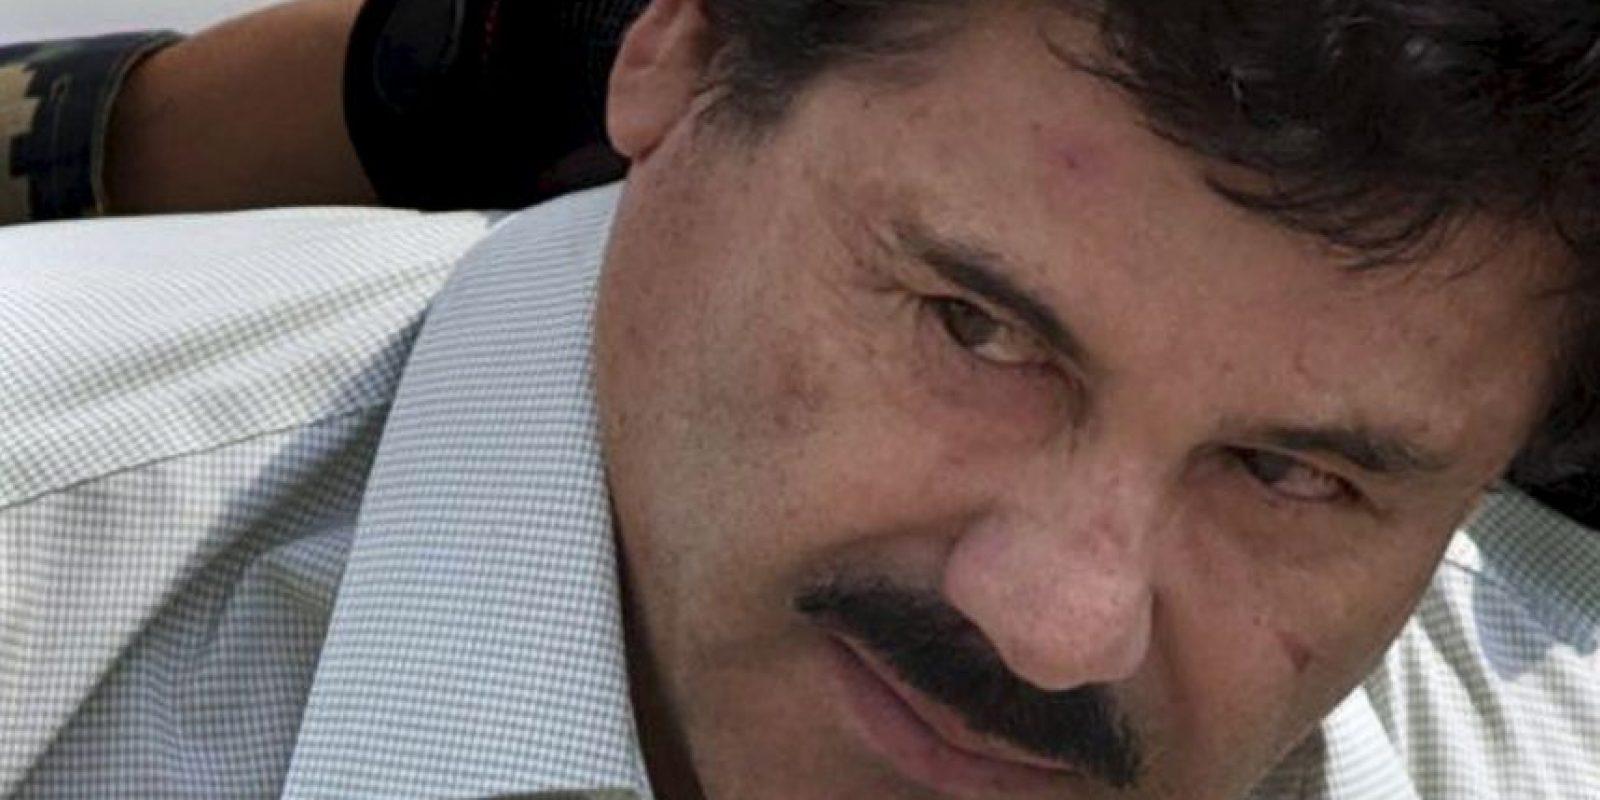 """3. El grupo """"Enigma Norteño"""" dedicó una canción a Iván Archivaldo Guzmán, hijo del capo, y se desató una balacera Foto:AP"""